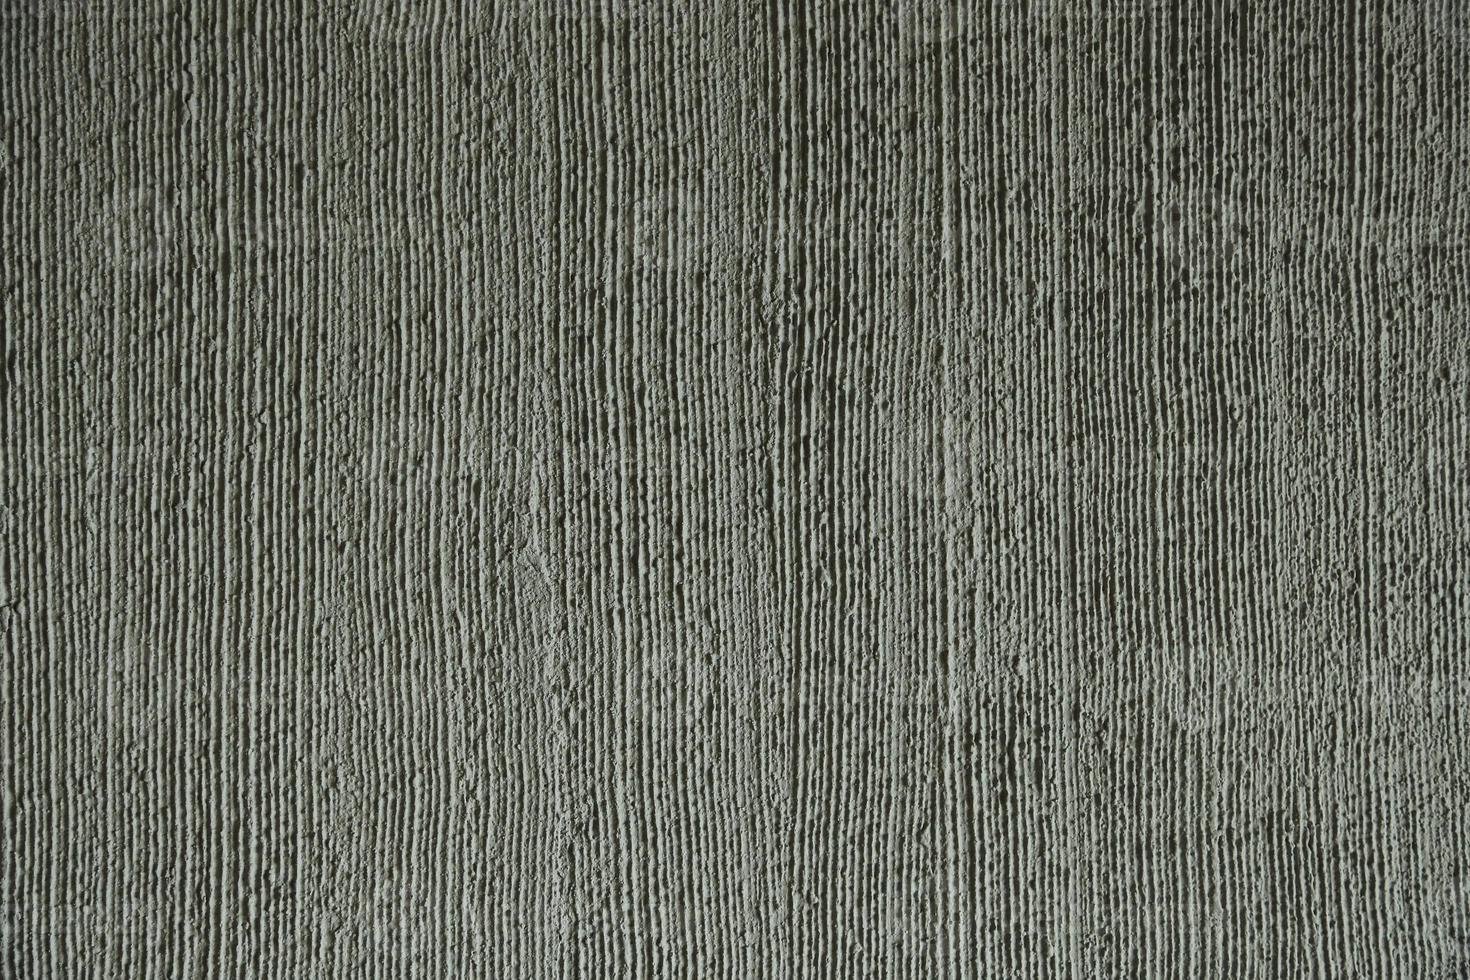 fond de mur grunge texturé photo